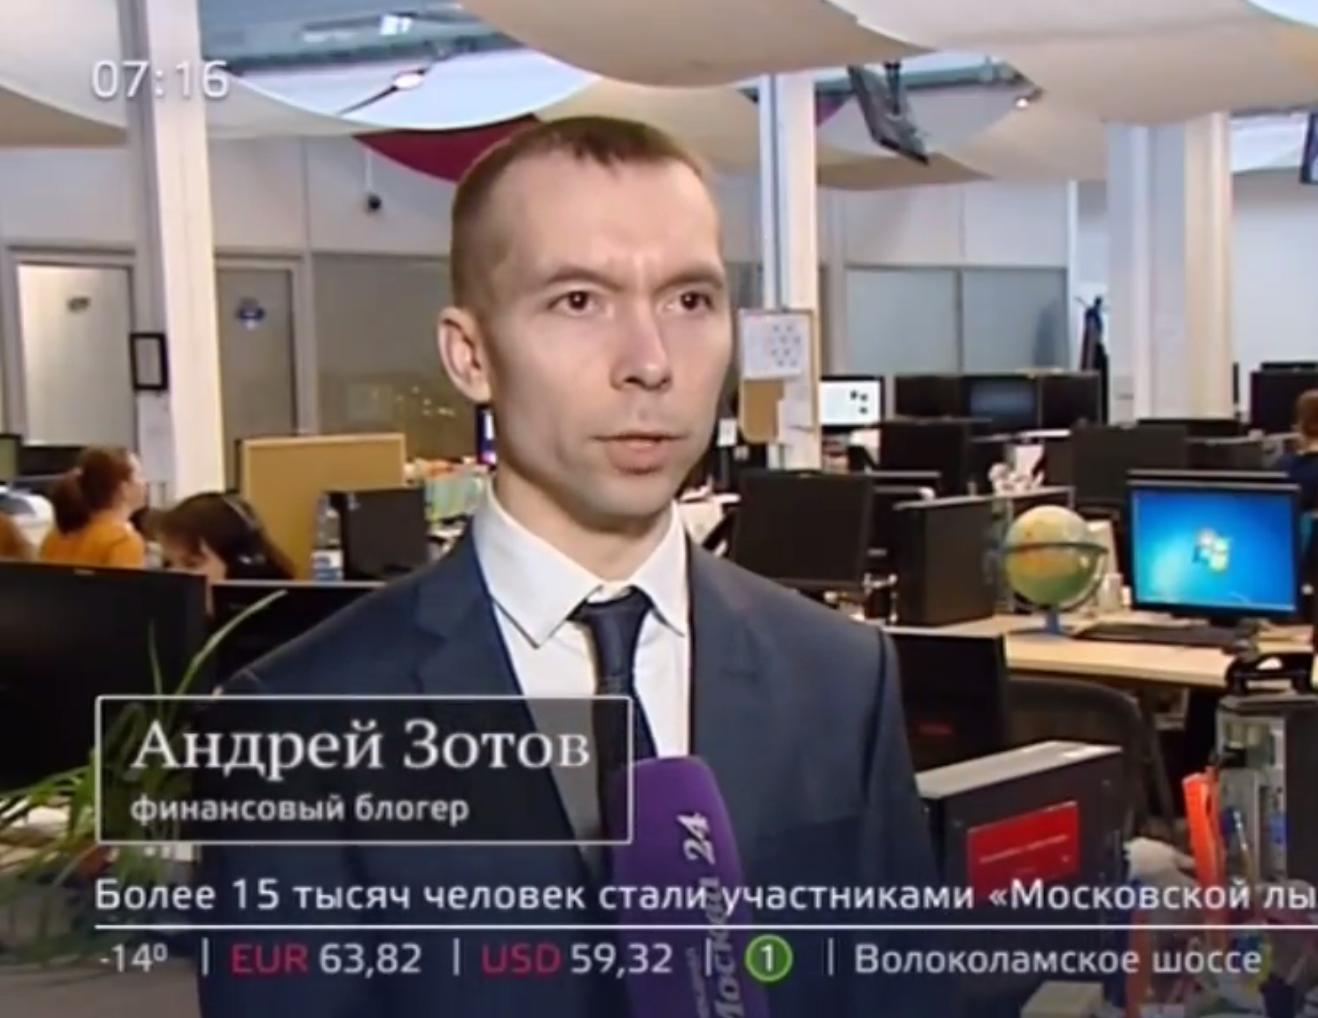 Зотов Андрей кэшбэк для Москва 24